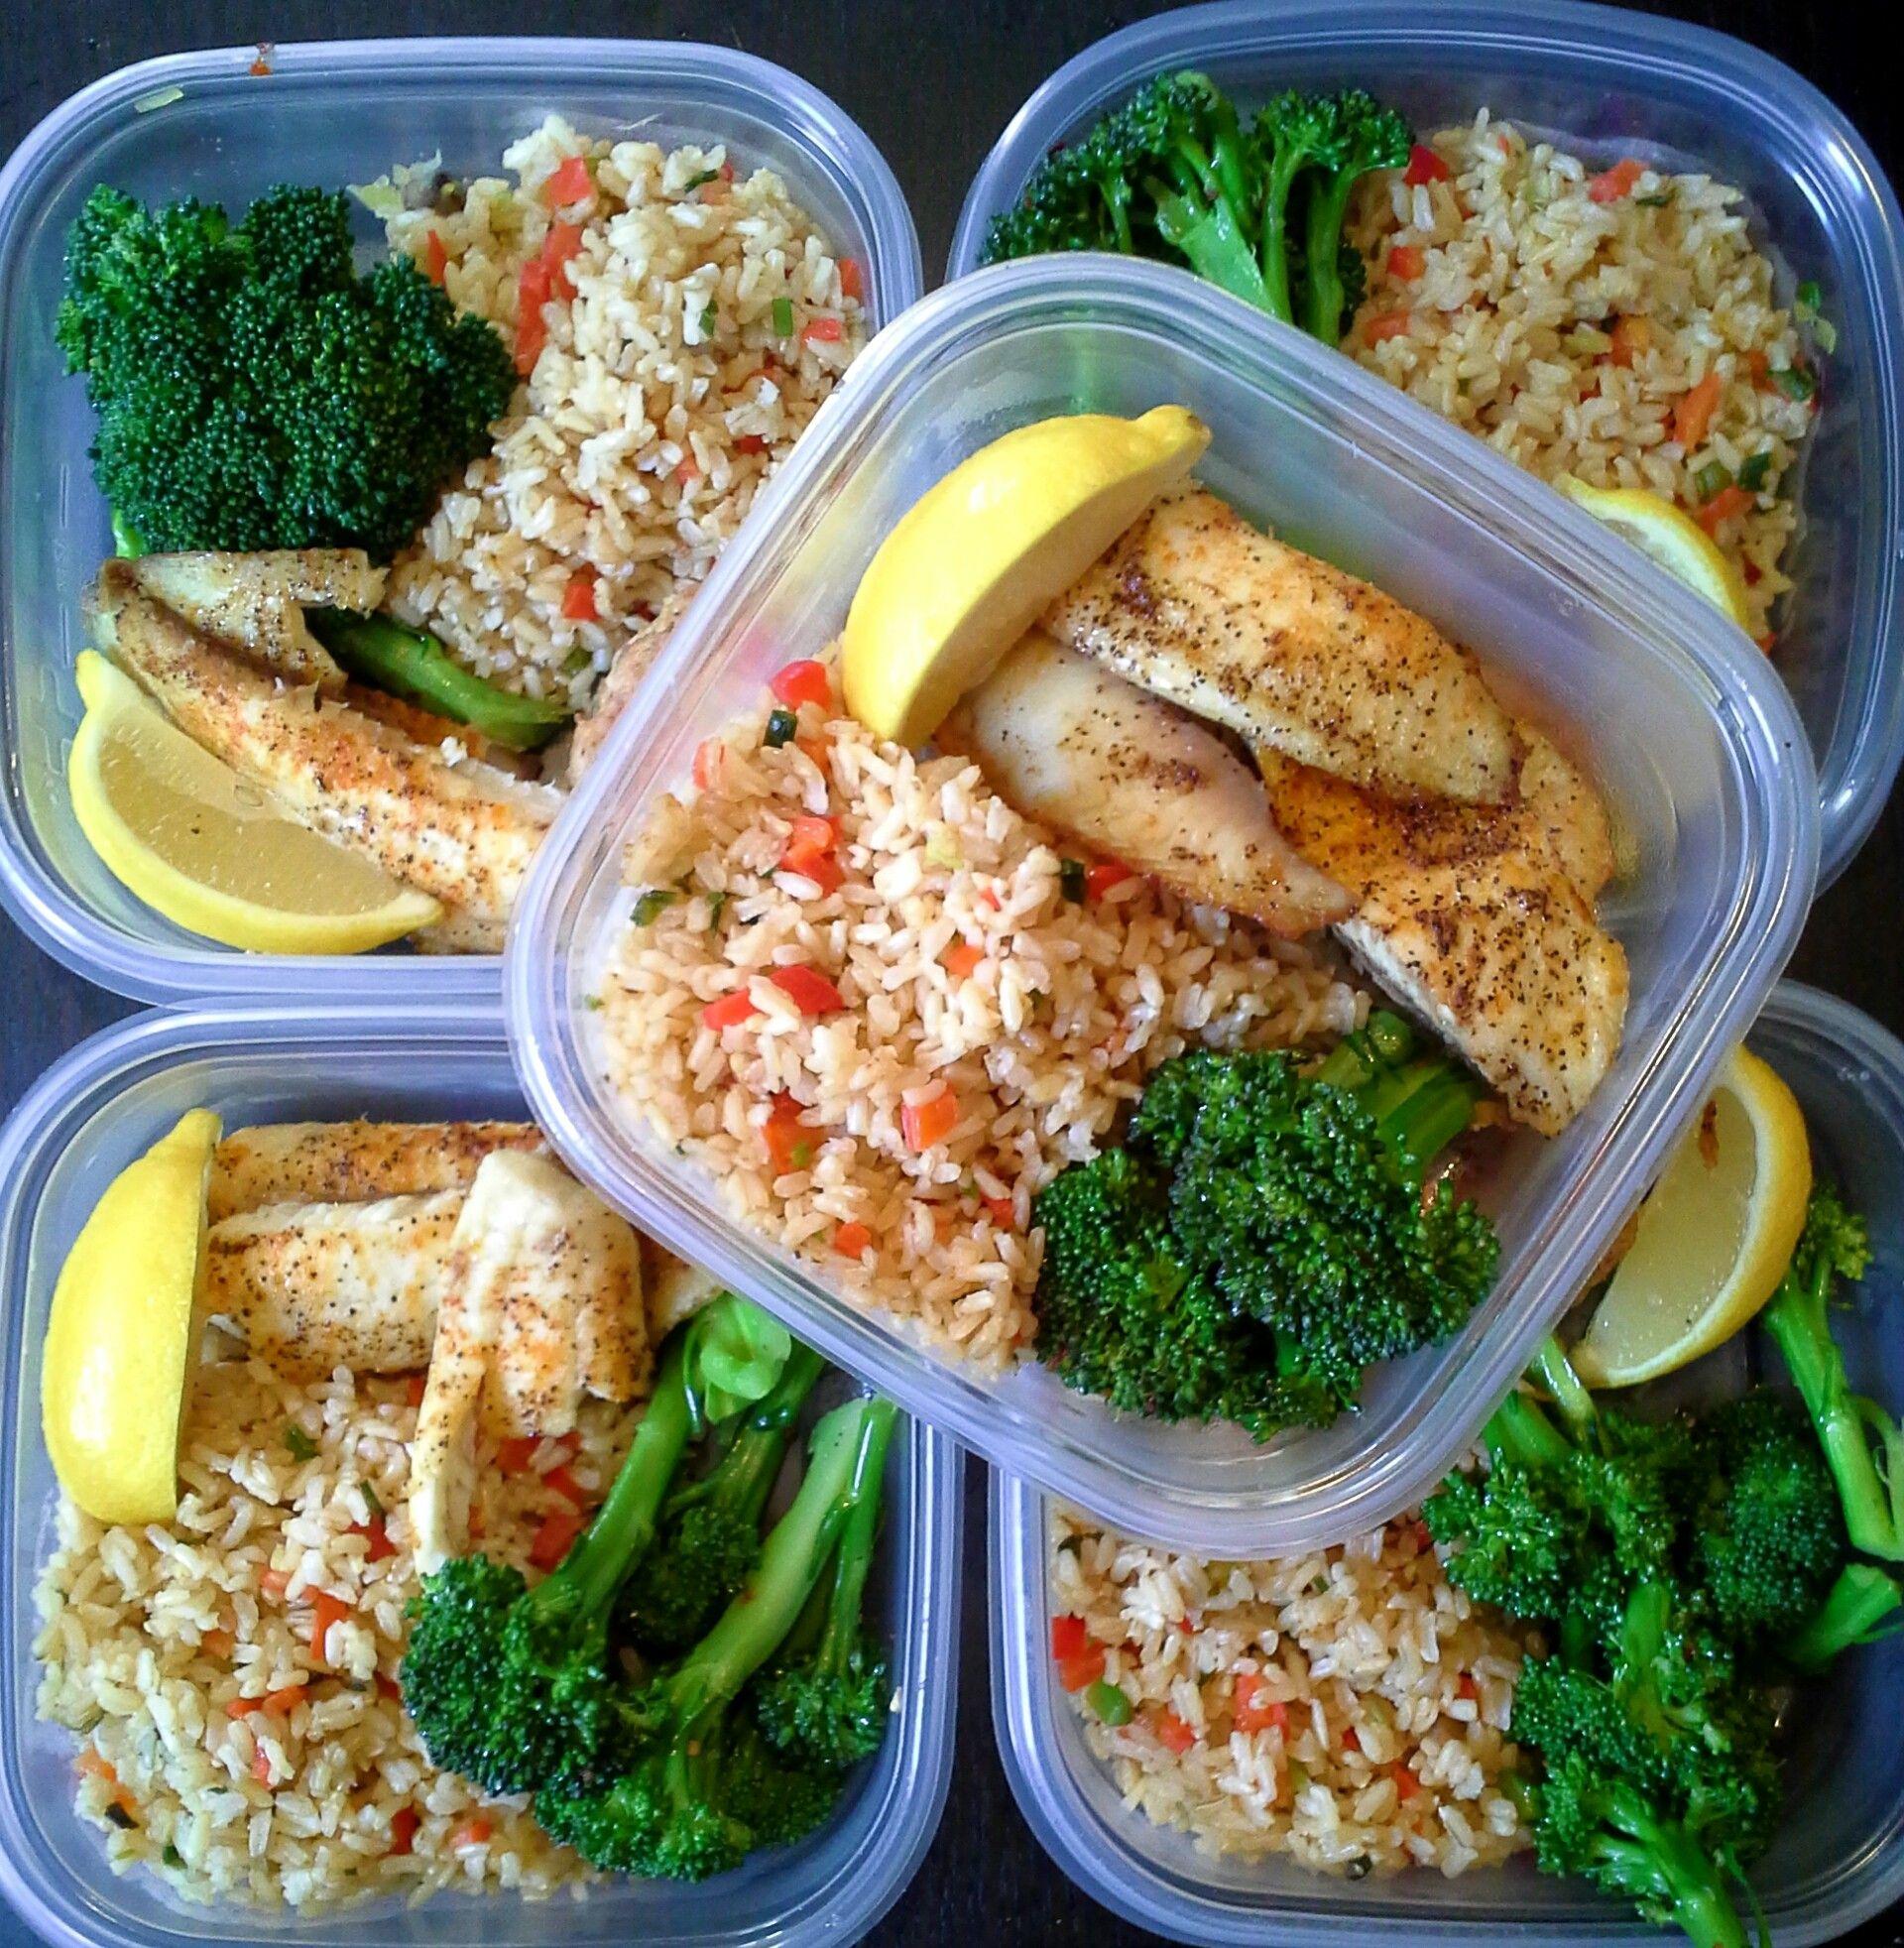 Meal Prep Tilapia Rice And Broccoli